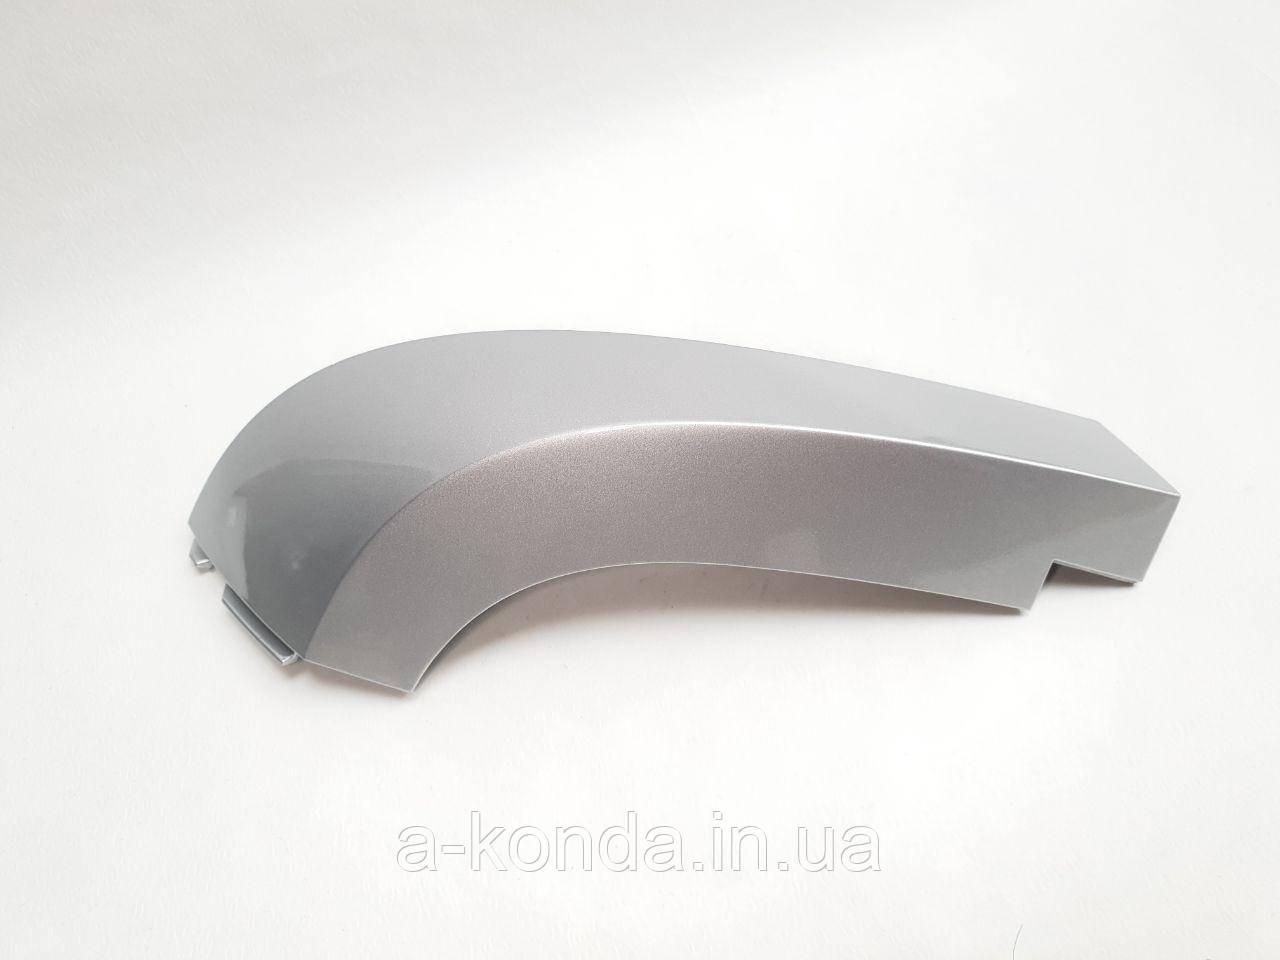 Панель пластиковая левая для пылесоса Zelmer 919.0 ST